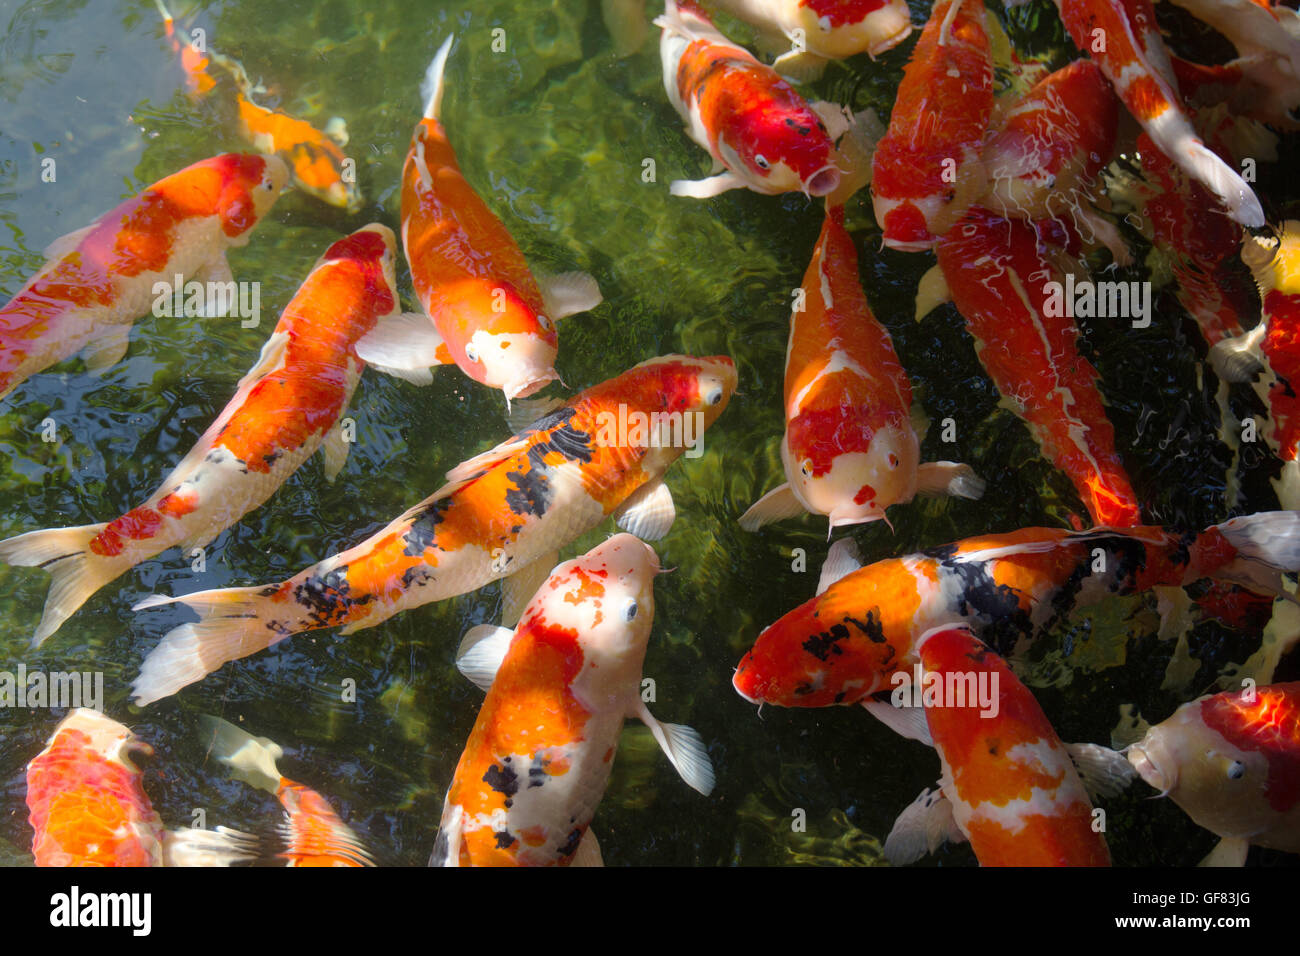 Carp koi fish orange color in pond stock photo royalty for Carpe koi orange